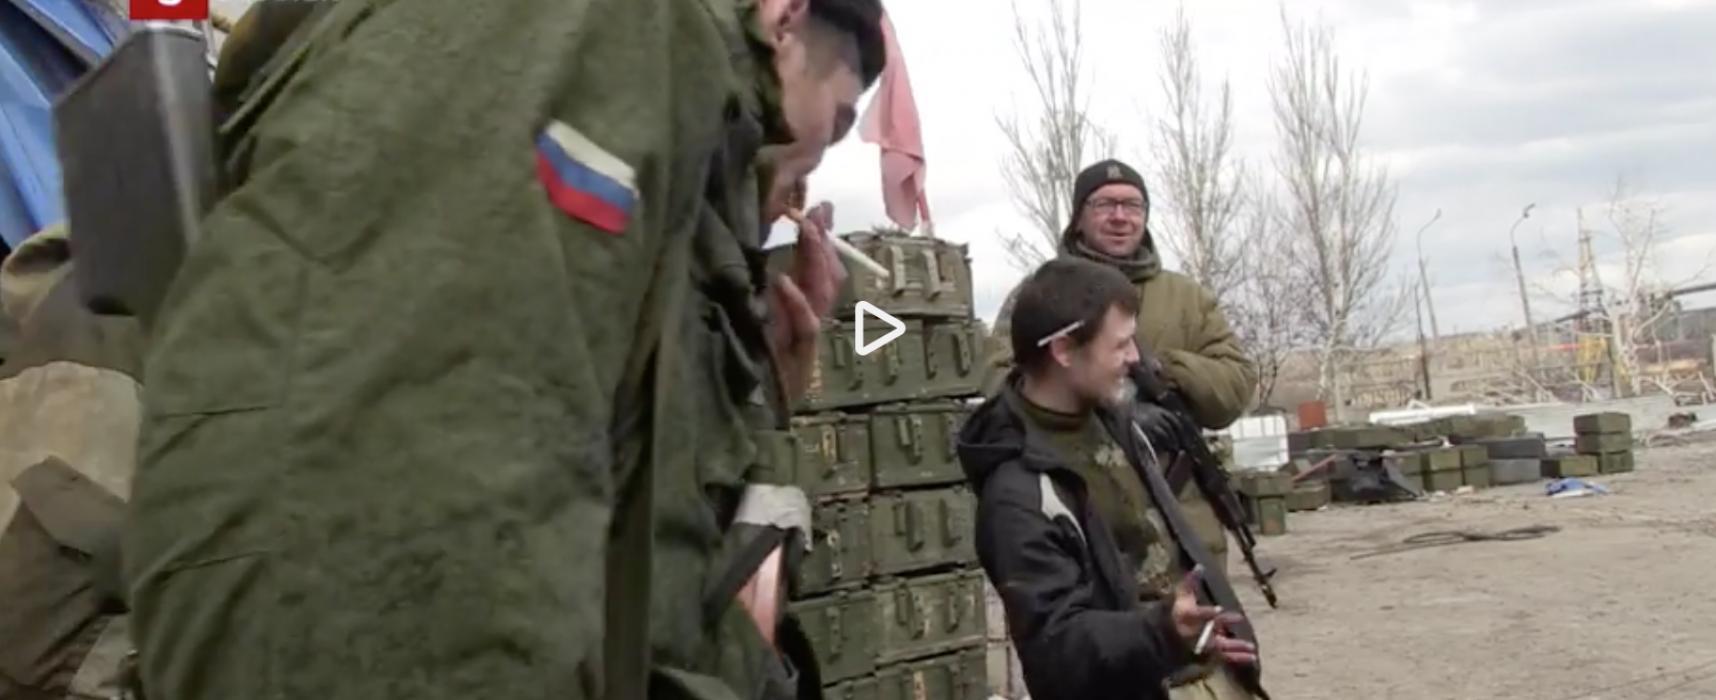 RAI 2 propone un vecchio servizio di propaganda anti ucraina spacciandolo per reportage recente